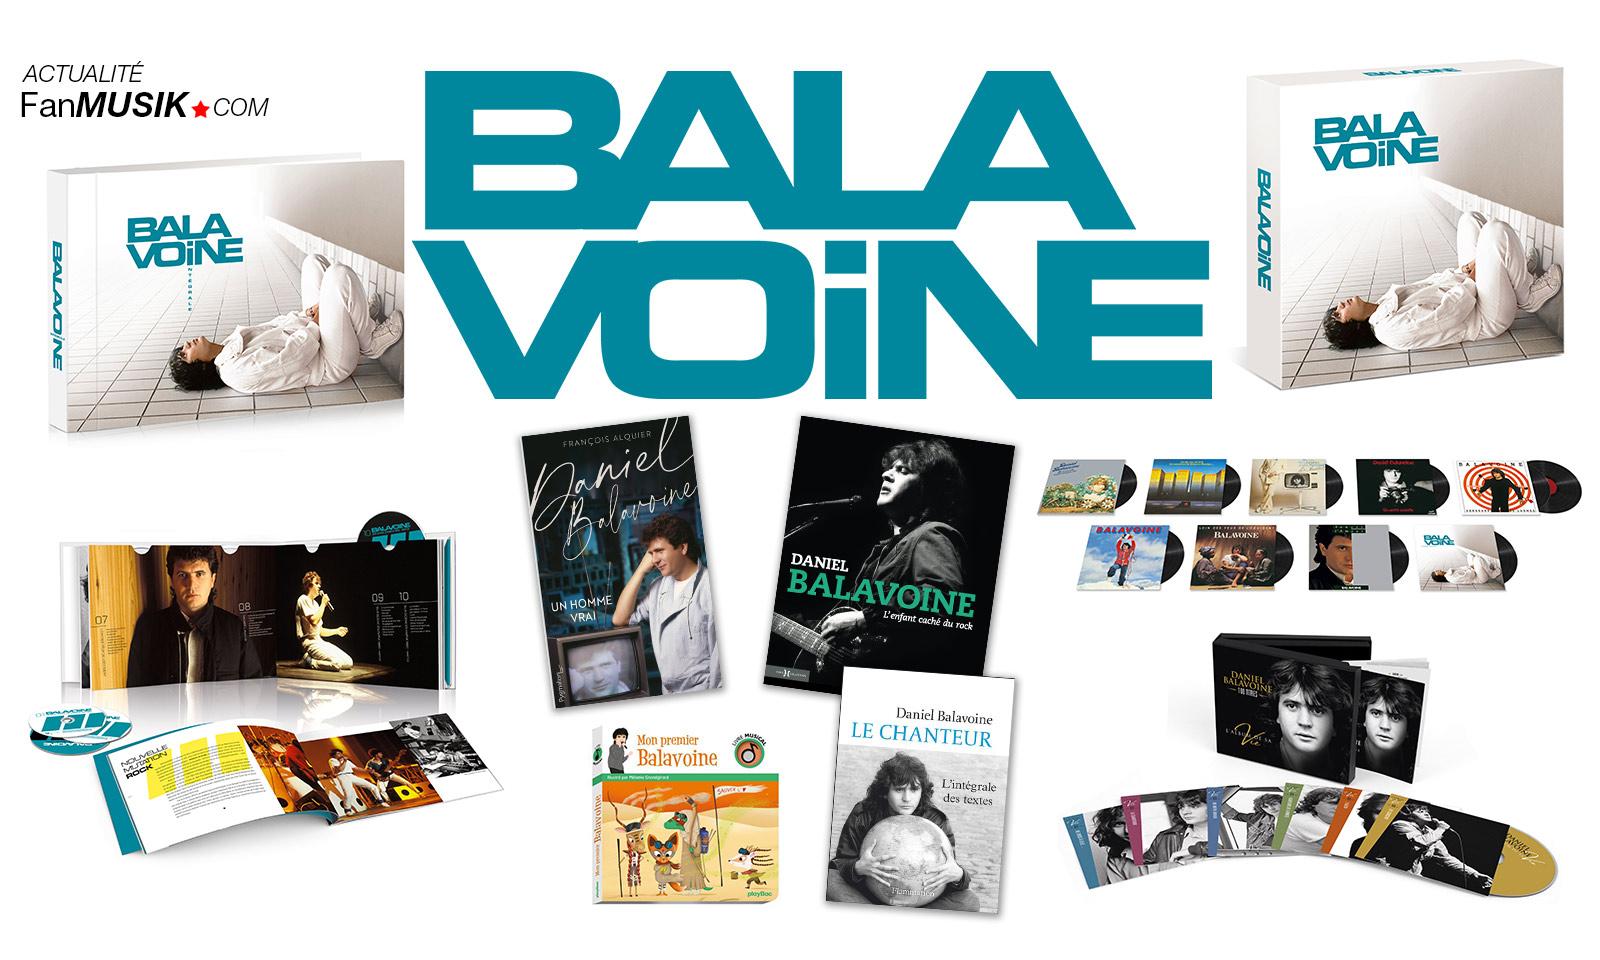 Daniel Balavoine : chanson inédite, intégrale CD, vinyles, livres... pour les 35 ans de sa disparition.